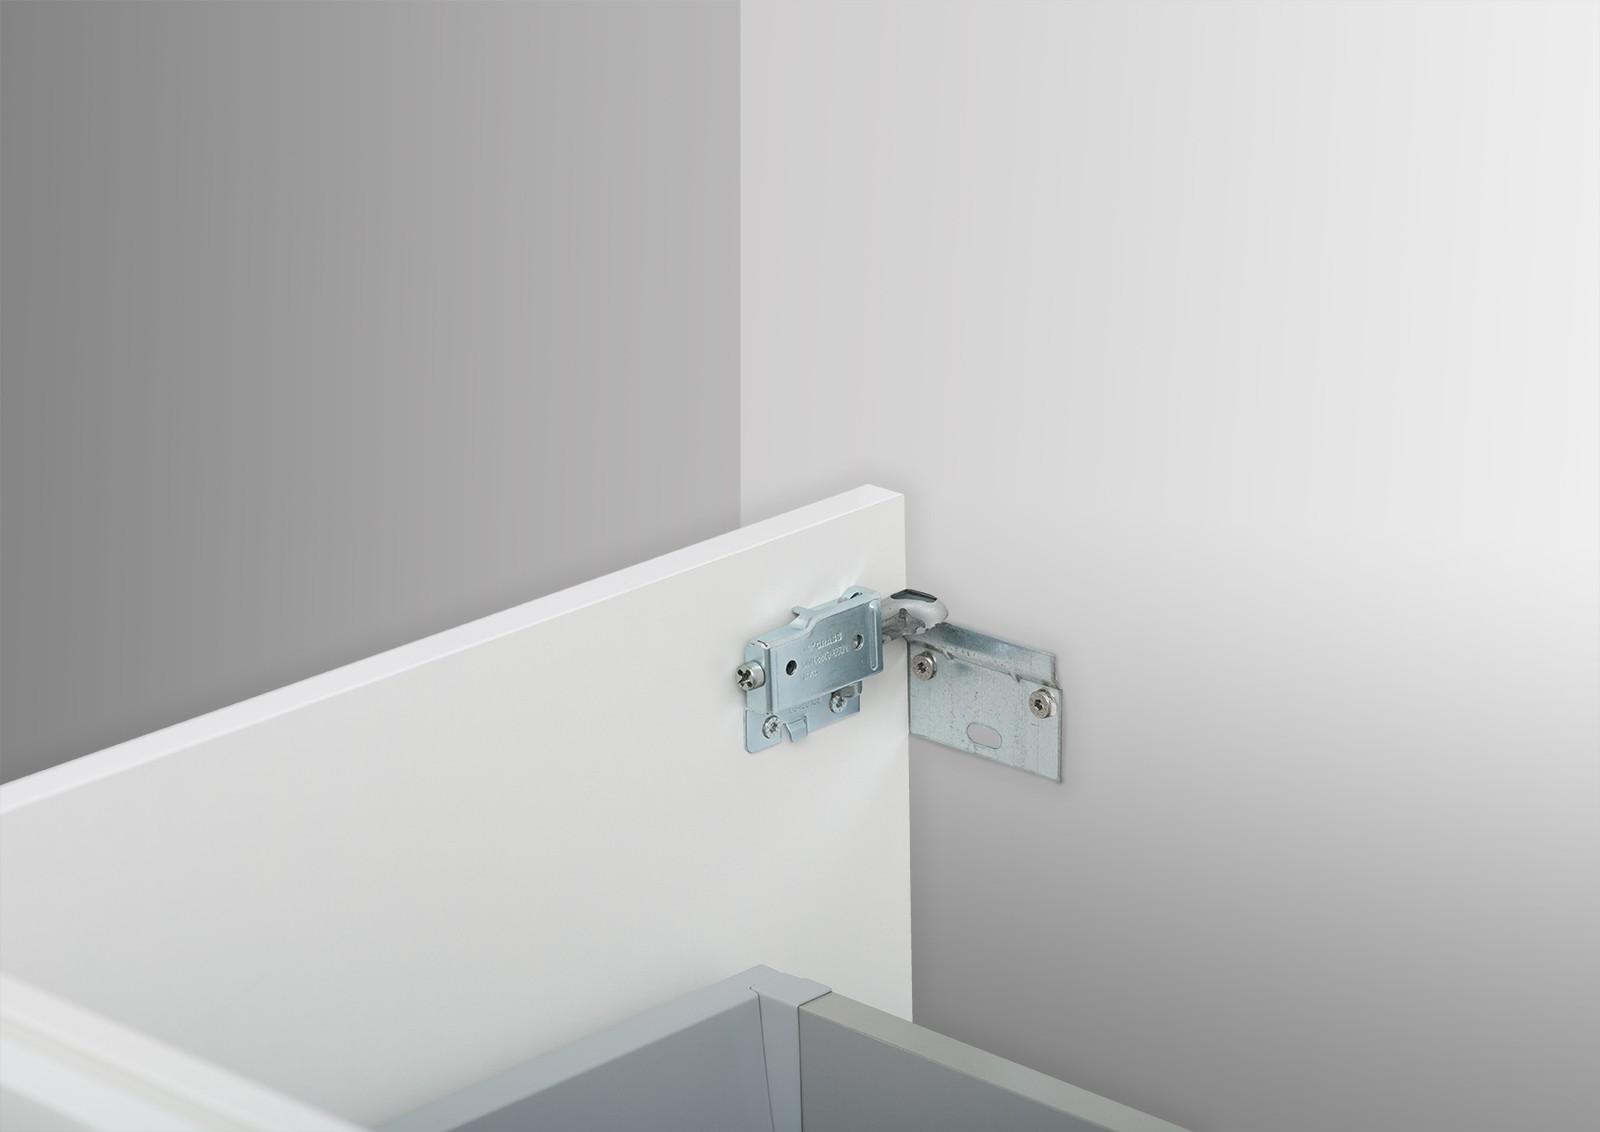 waschtisch unterschrank zu laufen living waschtisch 90 cm waschbeckenunterschrank. Black Bedroom Furniture Sets. Home Design Ideas